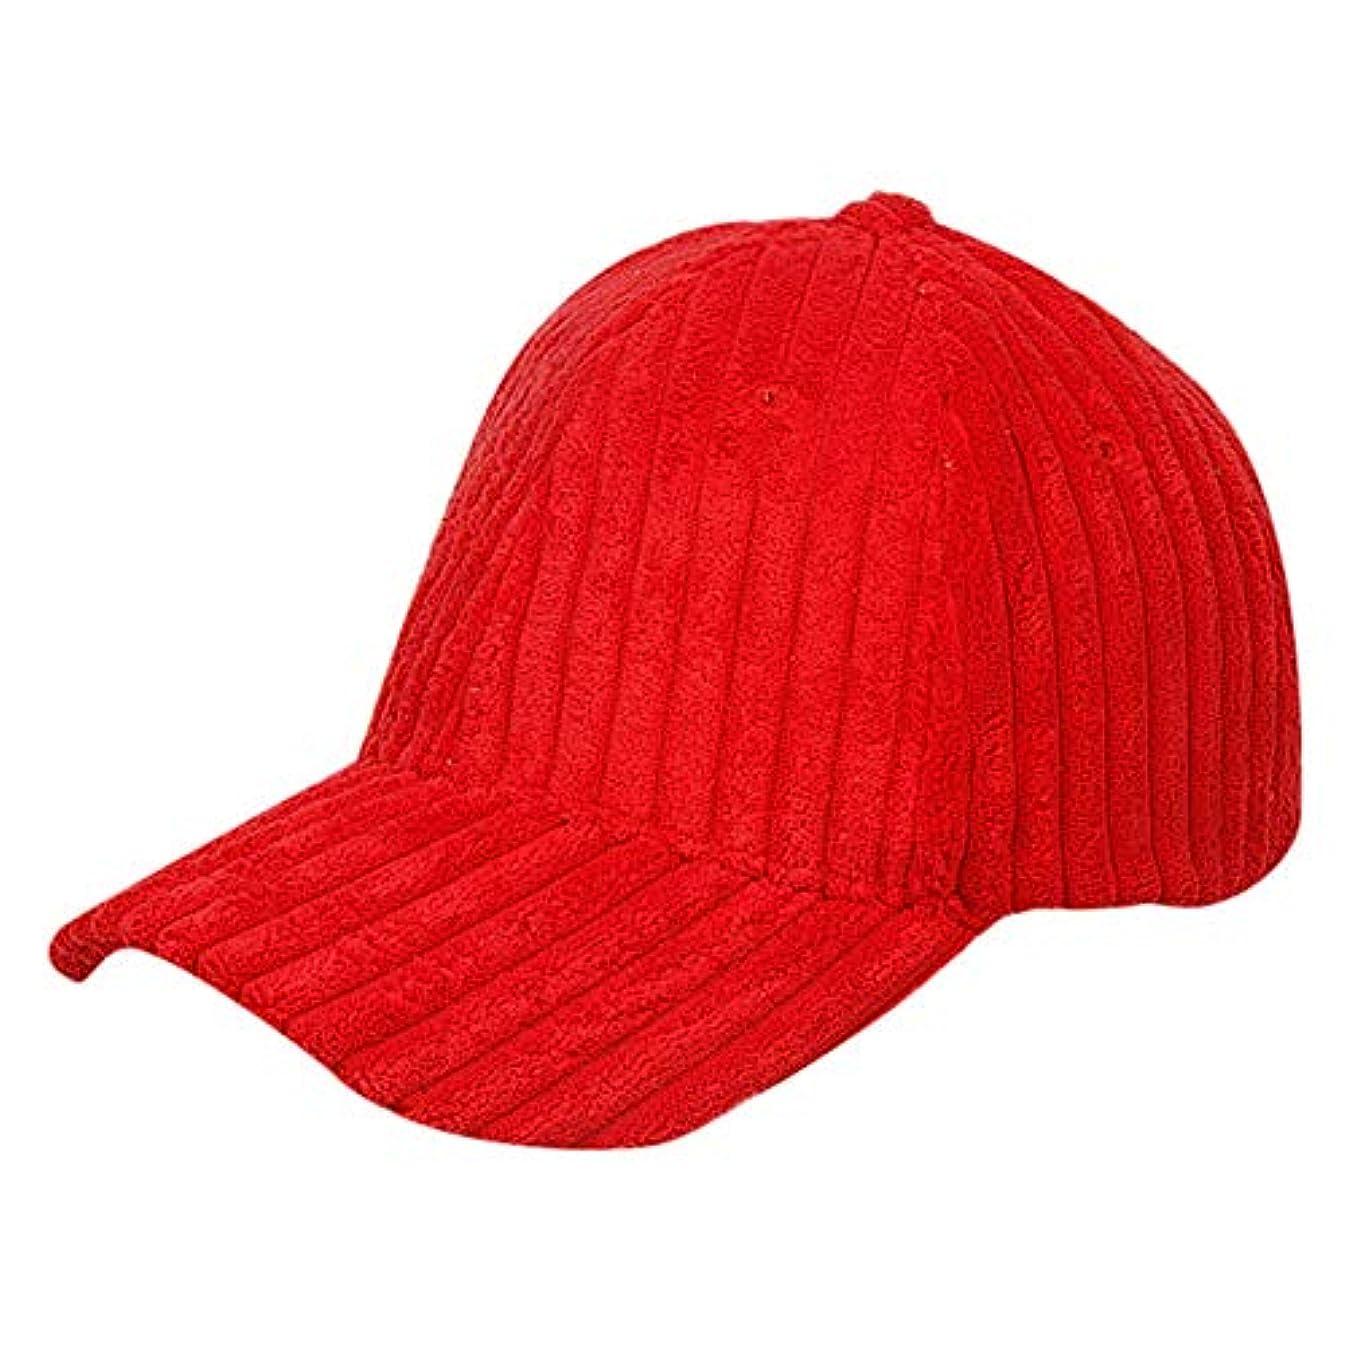 高く図構築するRacazing Cap コーデュロイ 野球帽 迷彩 冬 登山 通気性のある メッシュ 帽子 ベルクロ 可調整可能 ストライプ 刺繍 棒球帽 UV 帽子 軽量 屋外 Unisex Hat (赤)